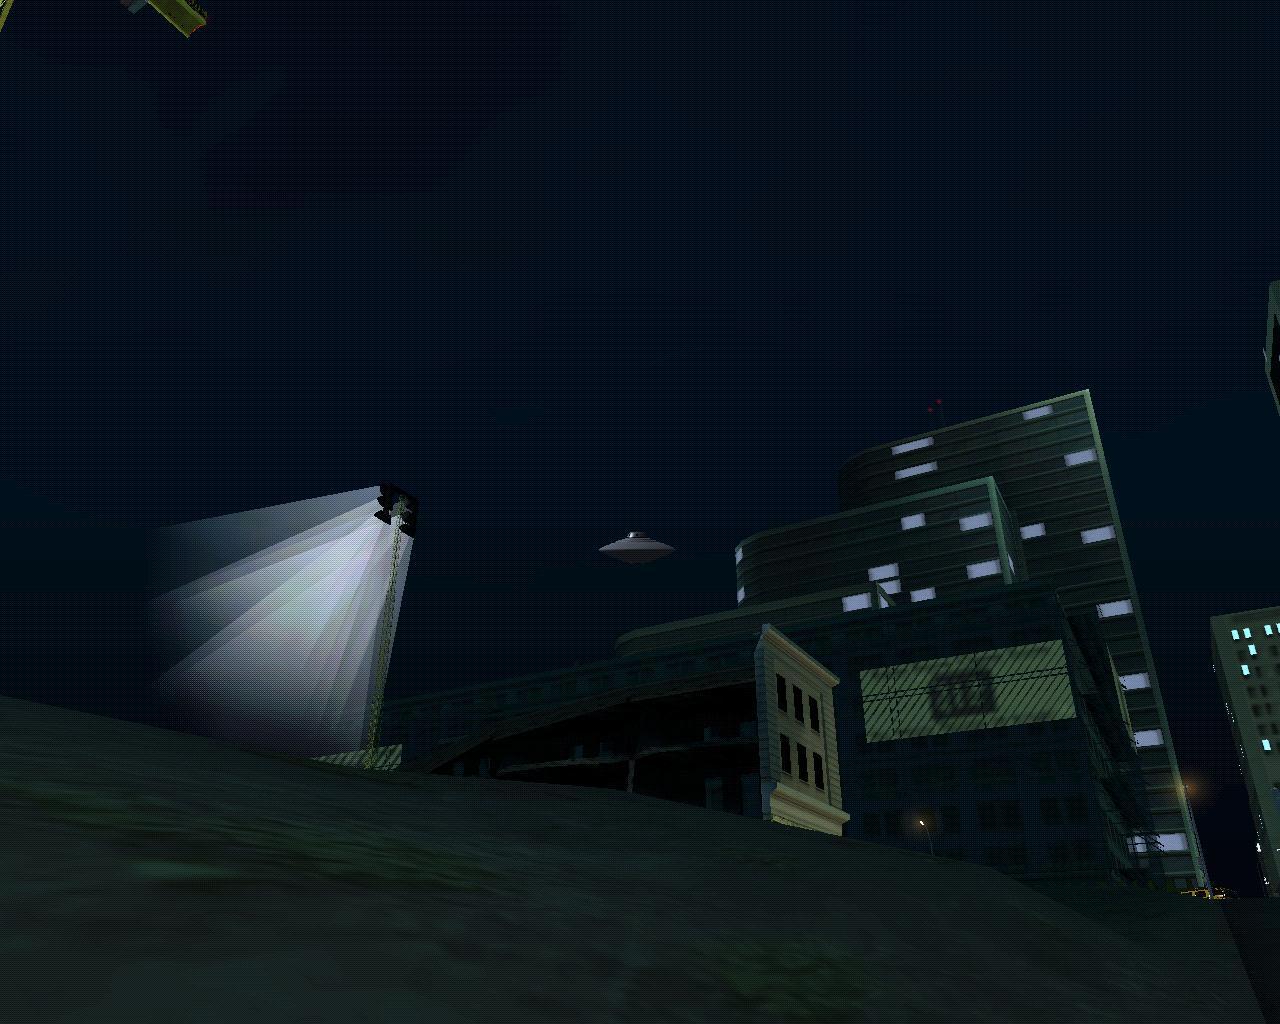 НЛО - Grand Theft Auto: San Andreas Просто авигеть!!!!!  Я после сутак игры увидел НЛО